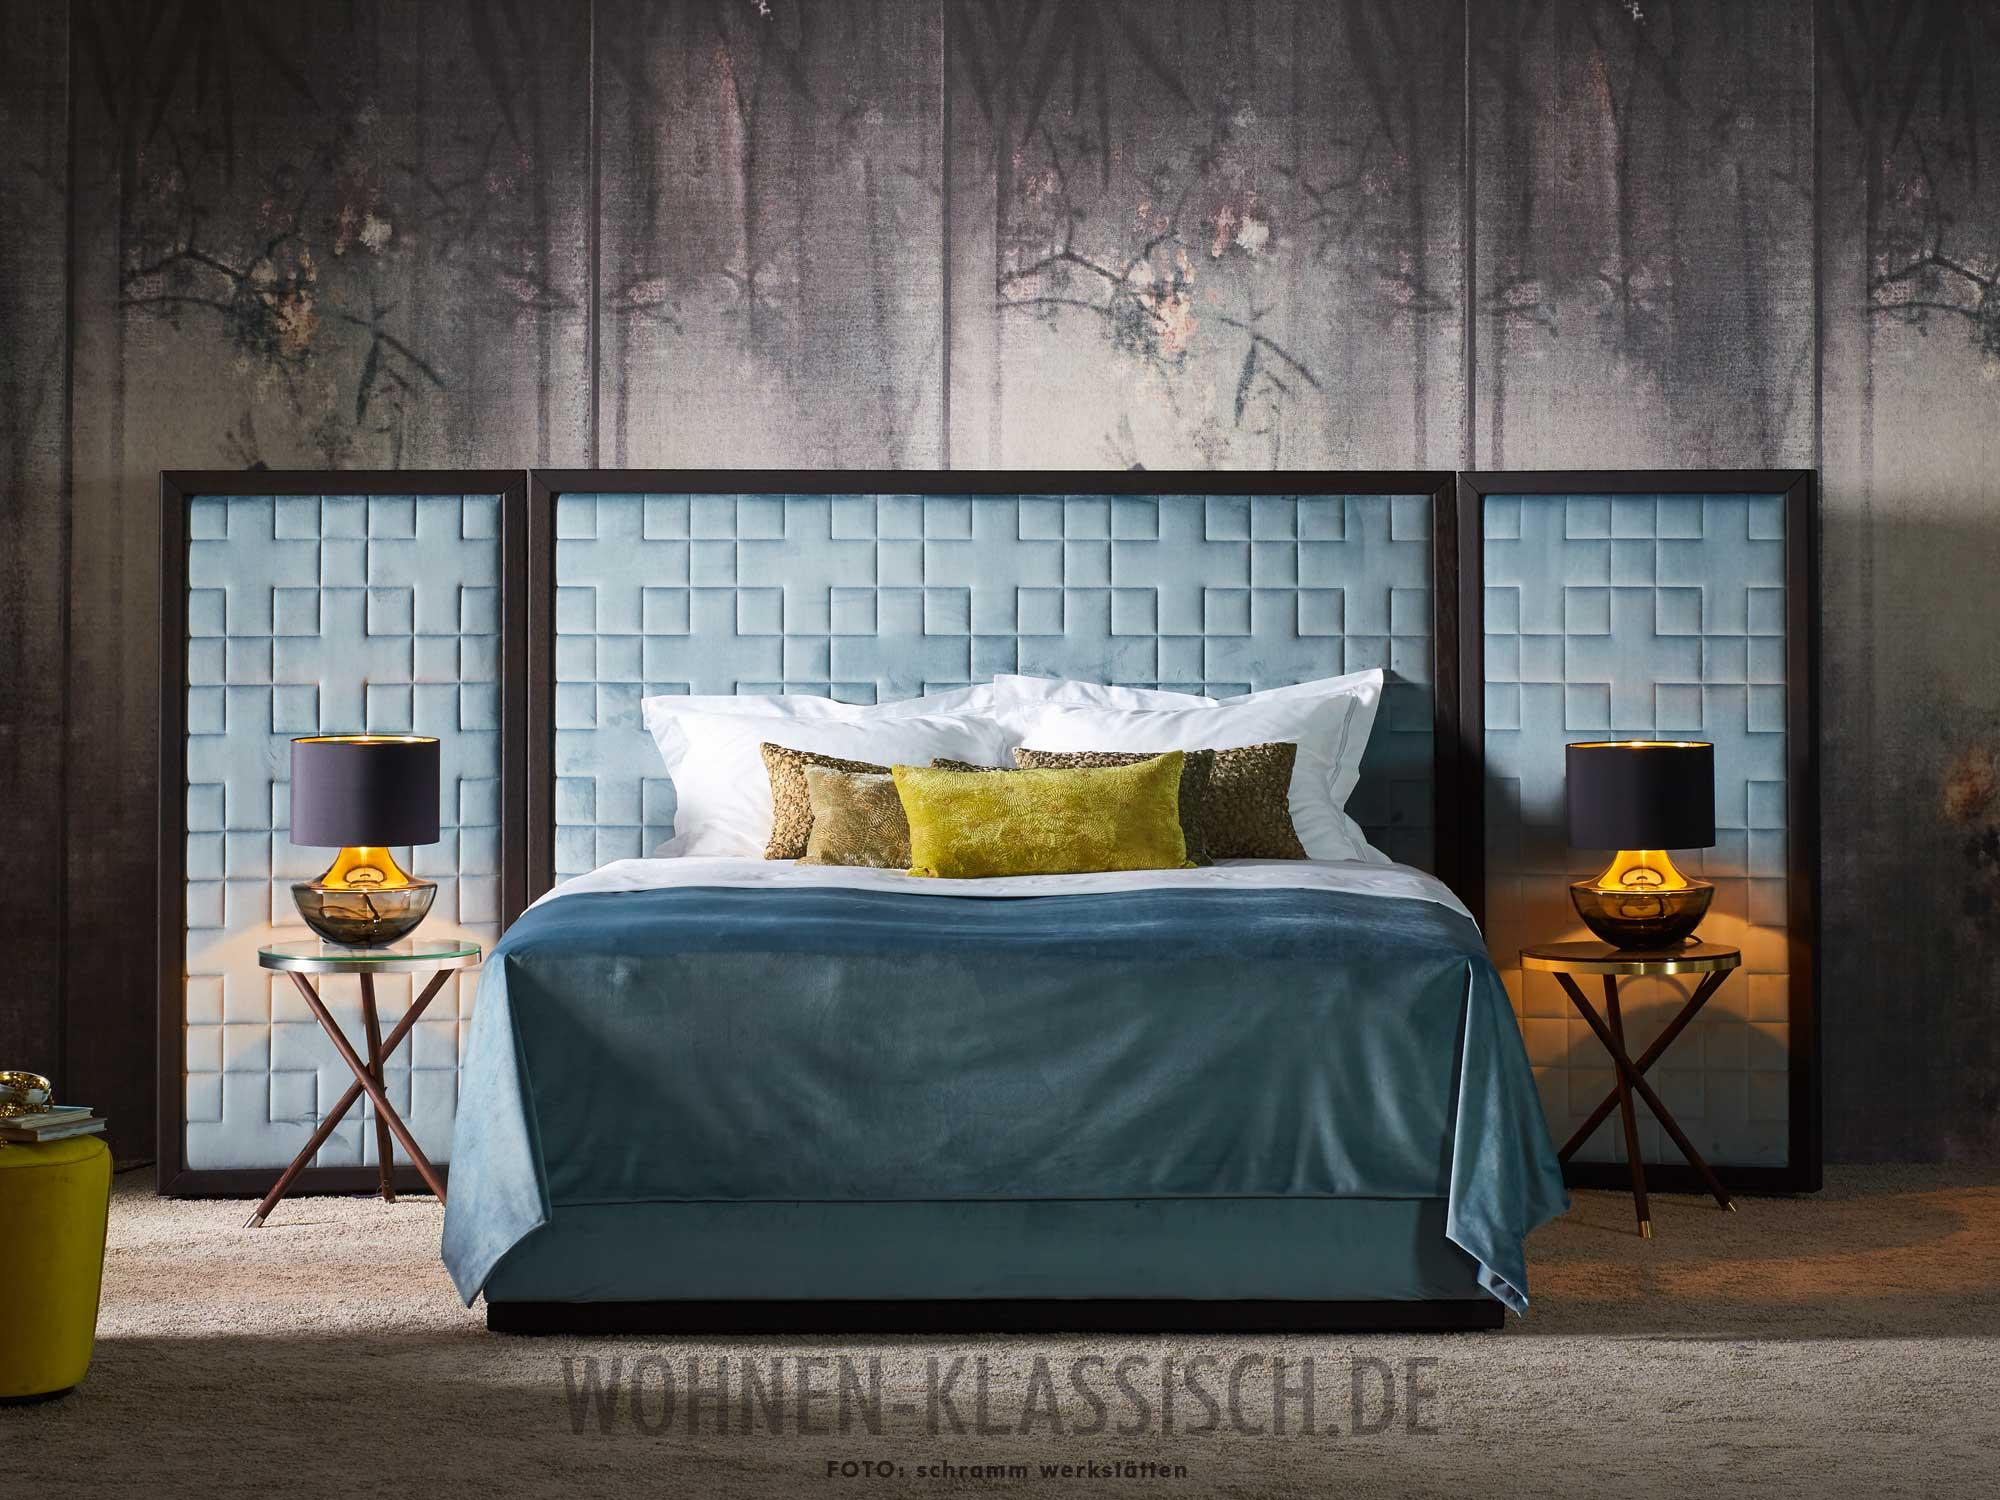 www luxusbetten com somnus cocoon luxusbetten luxusbetten vividus von h stens lifestyle und. Black Bedroom Furniture Sets. Home Design Ideas